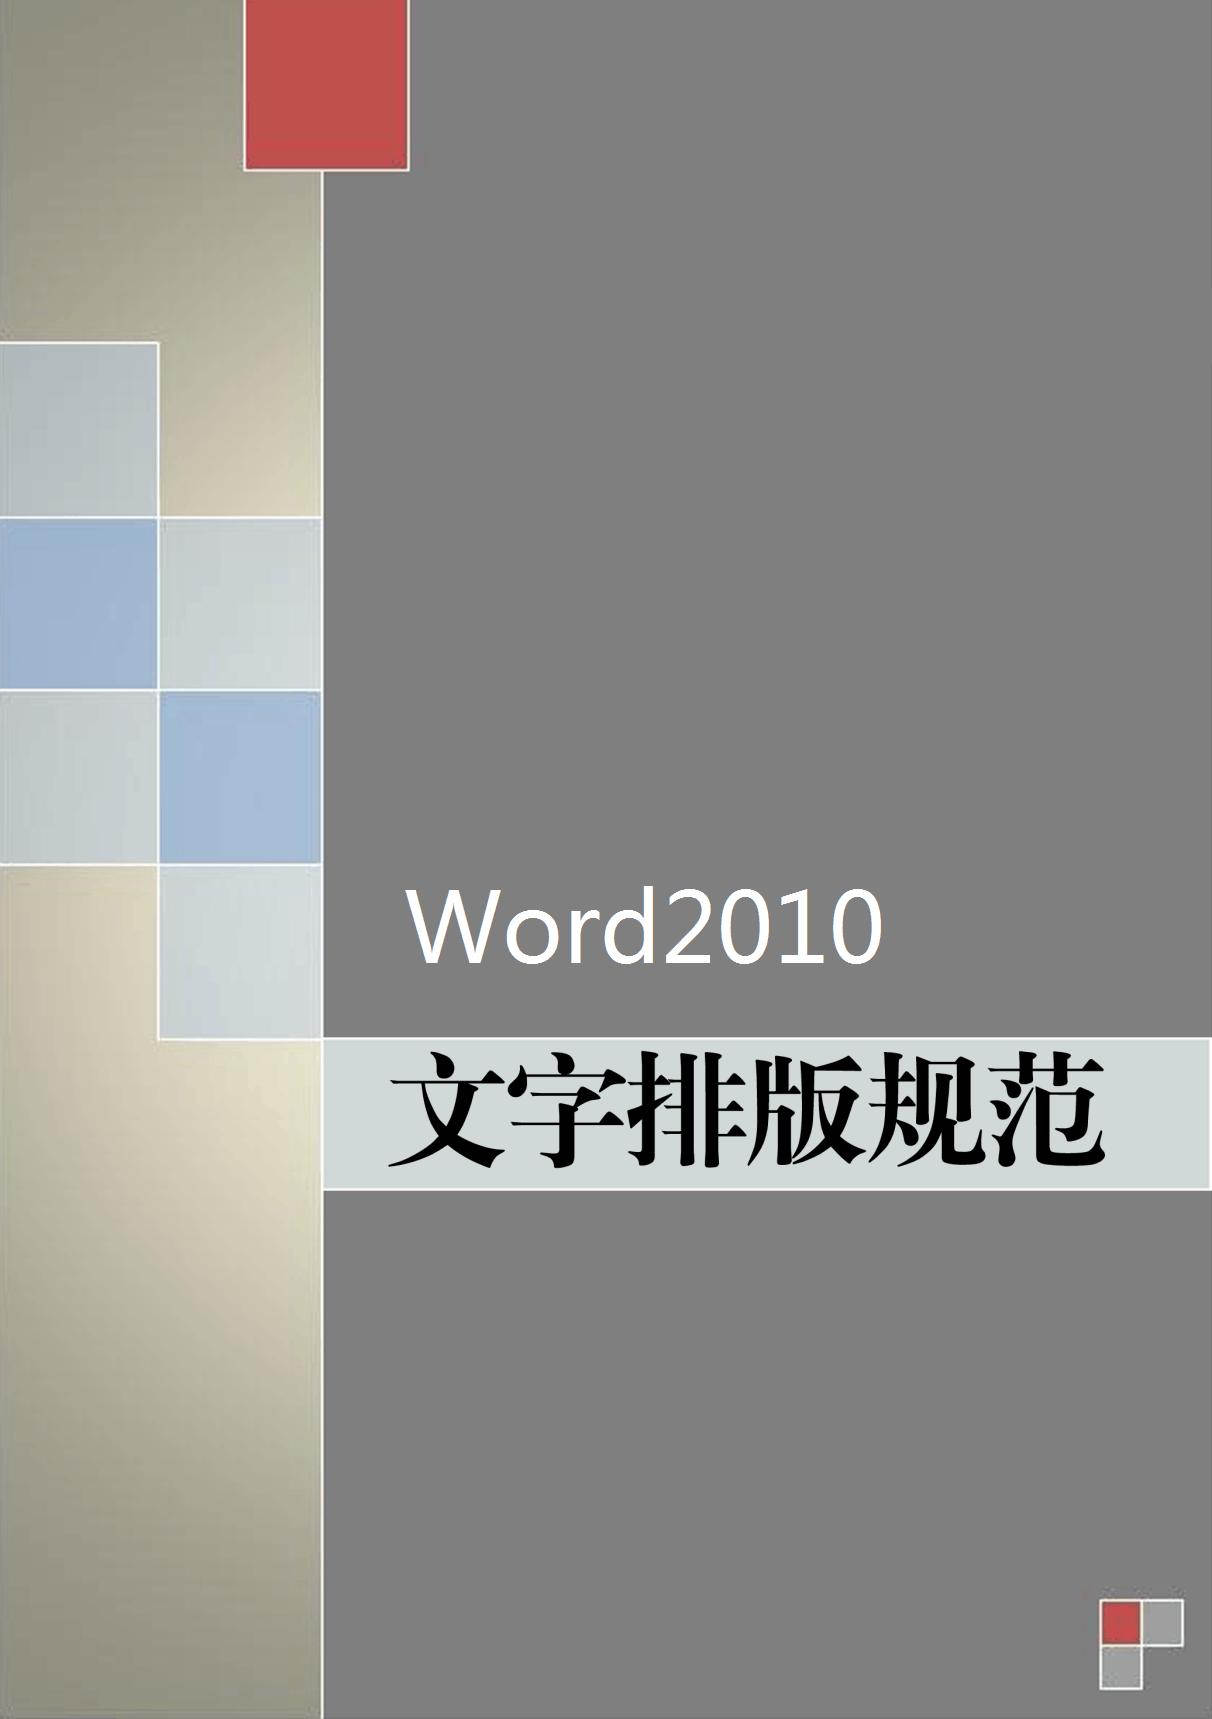 word2010排版_word文档在线阅读与下载_无忧文档图片